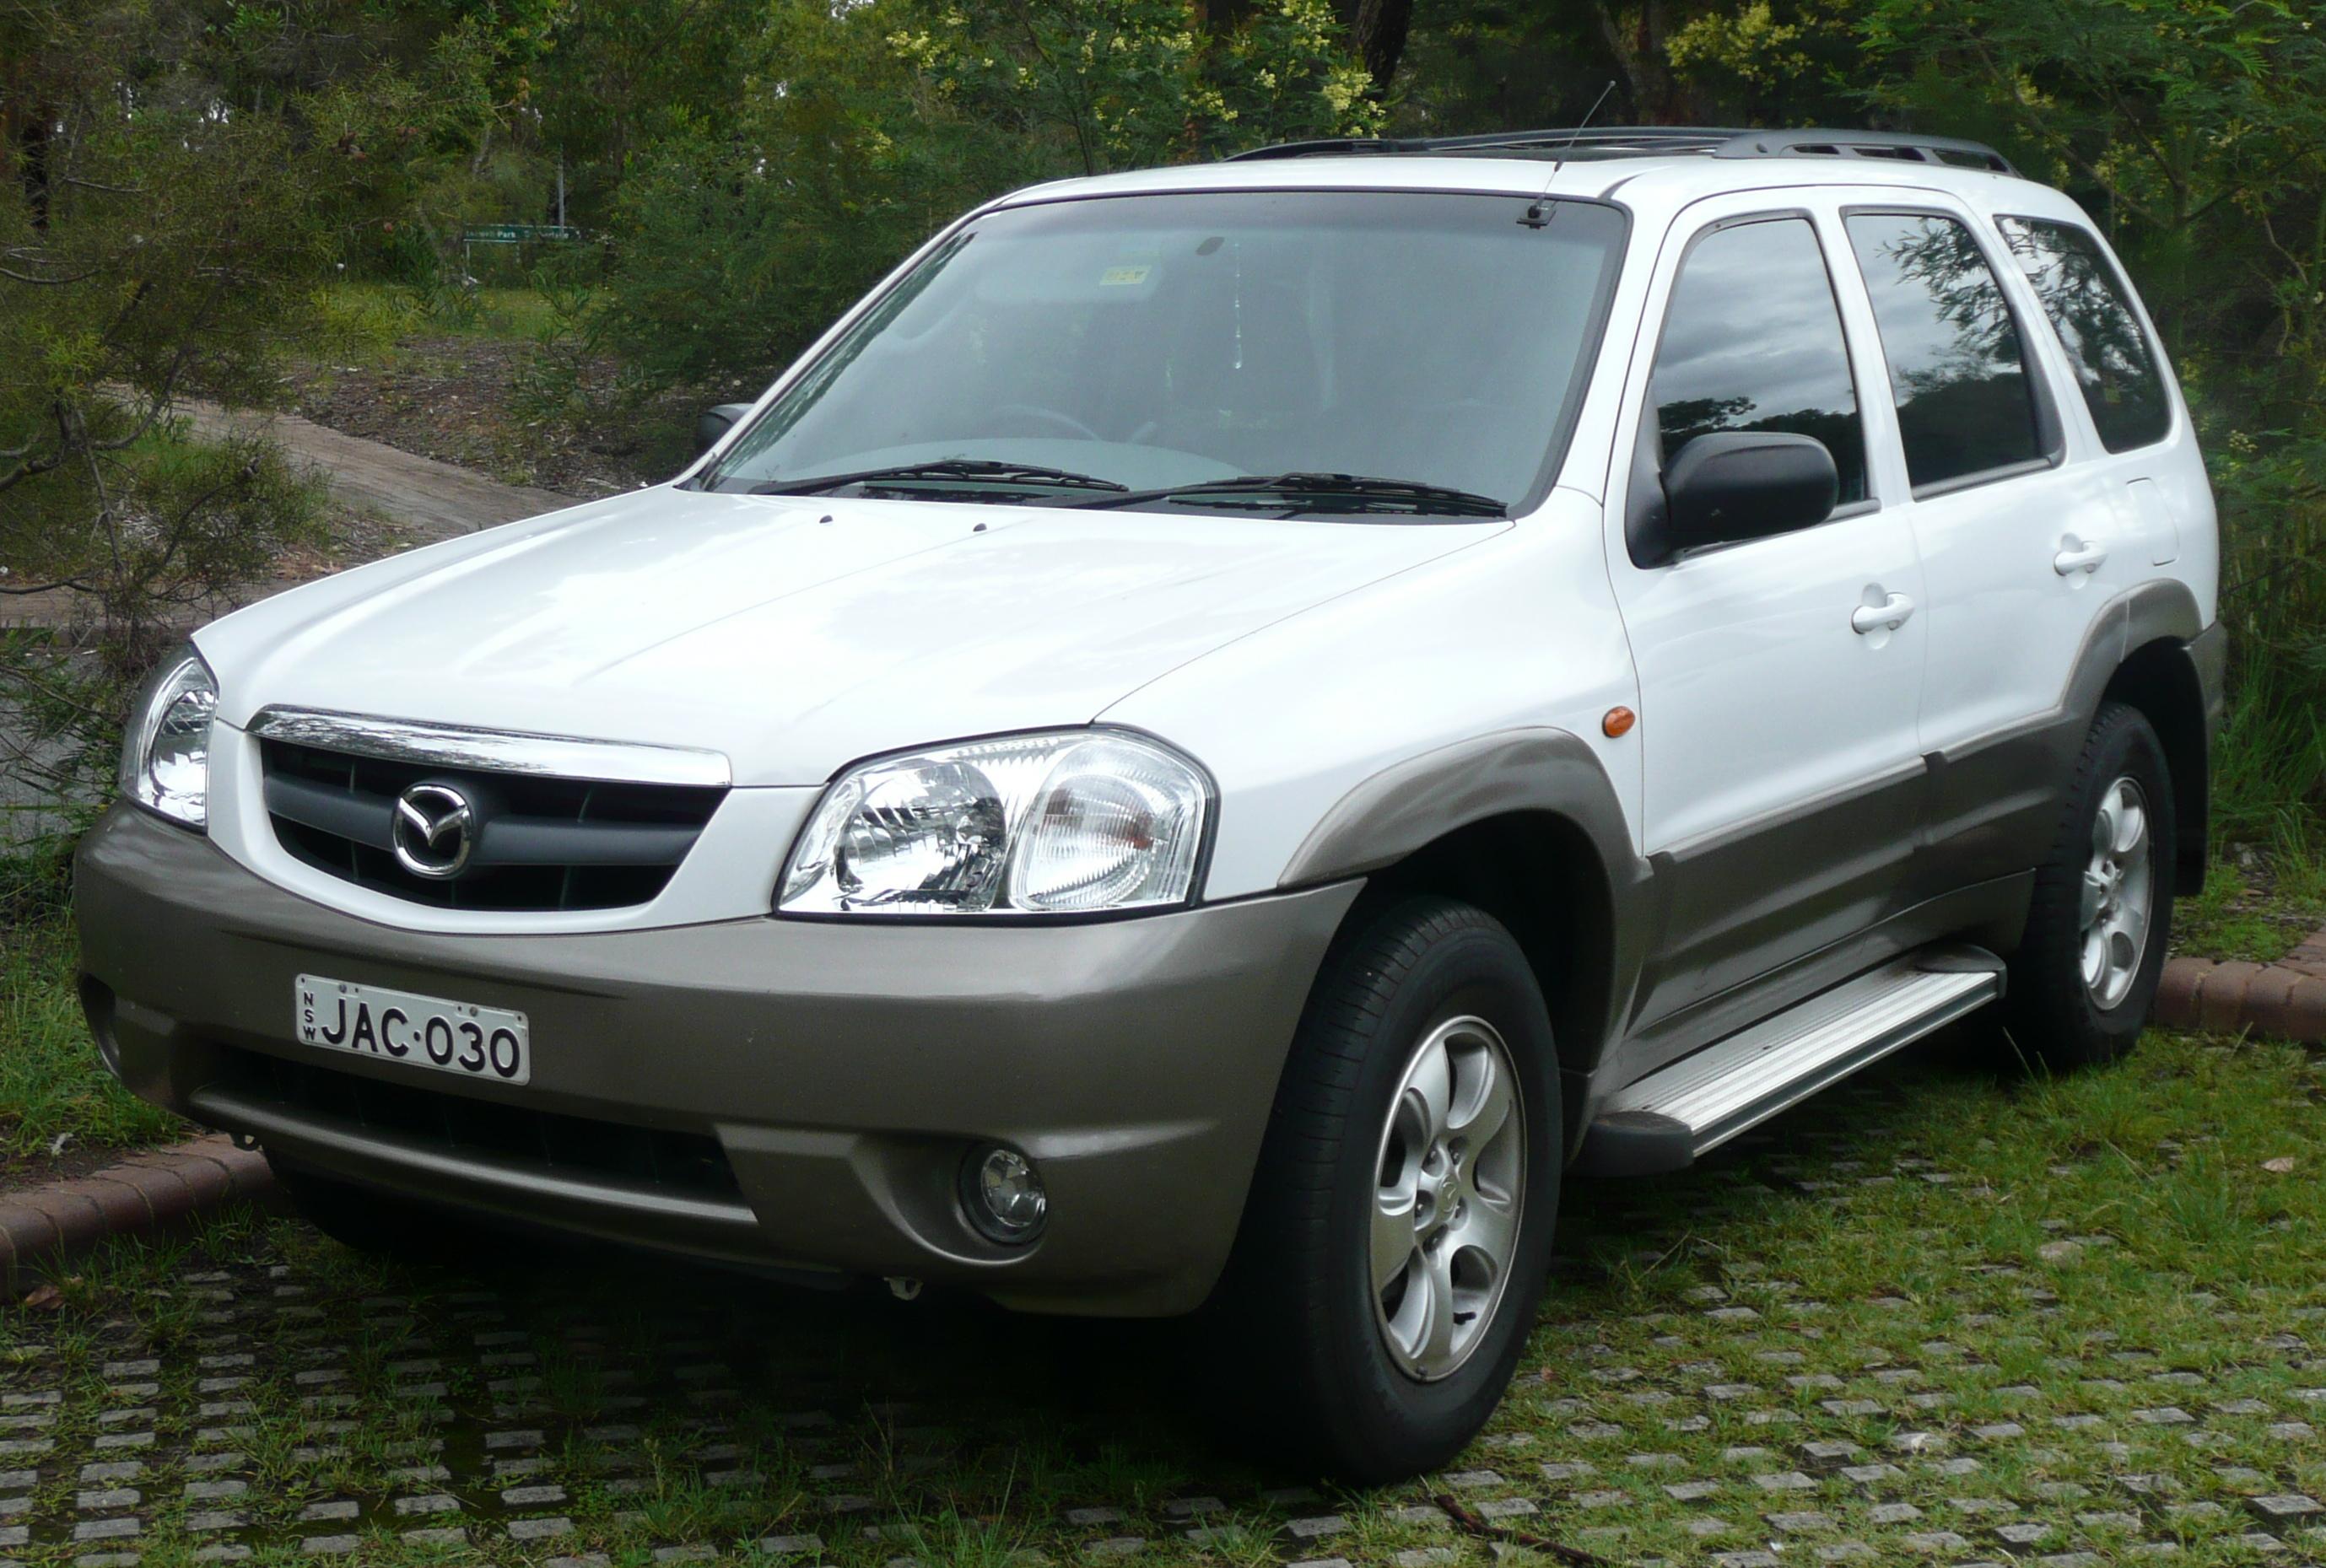 Black Mazda Tribute 2001